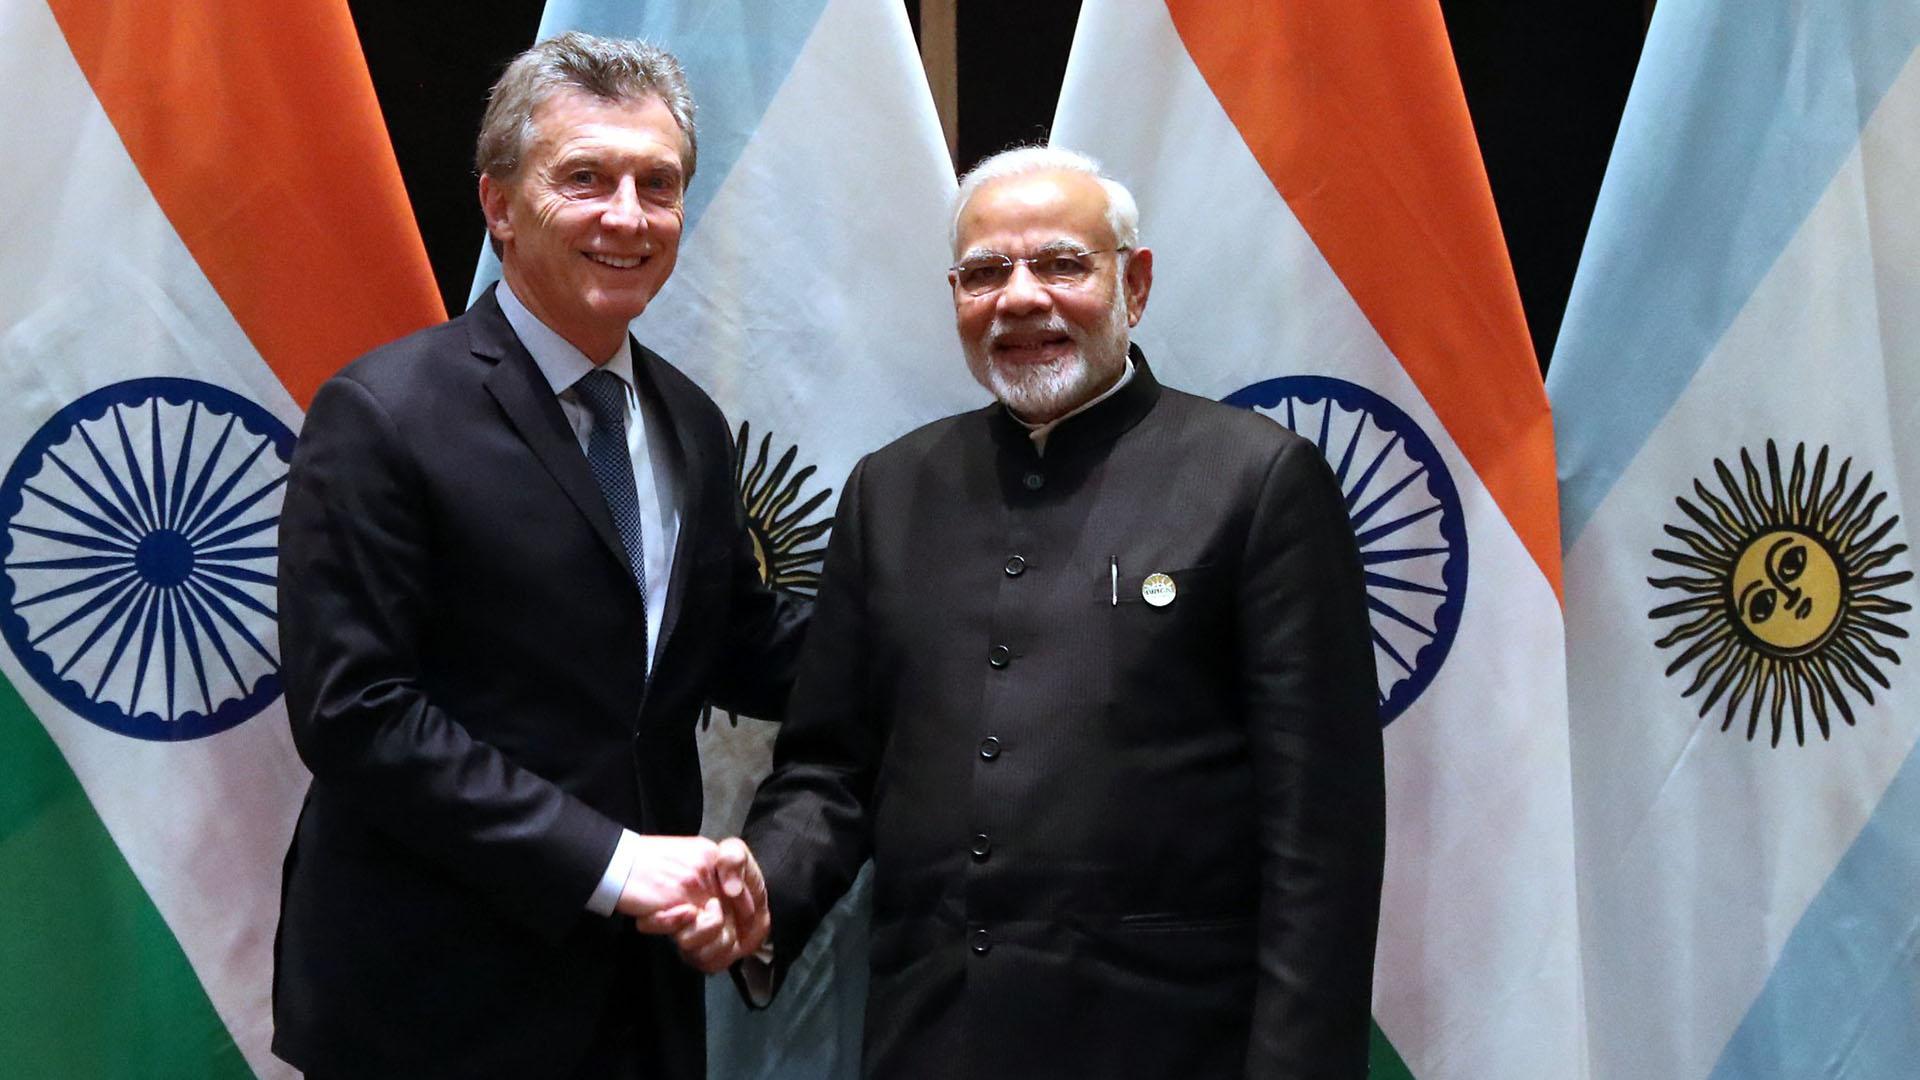 El presidente argentino ya está en la India y una vez subido al avión se desató una serie de críticas por el costo del pasaje, por unos supuestos comentarios de la vicepresidenta en el 2016 sobre el modelo indio y un sinfín de idas y vueltas que cansan porque no construyen nada.